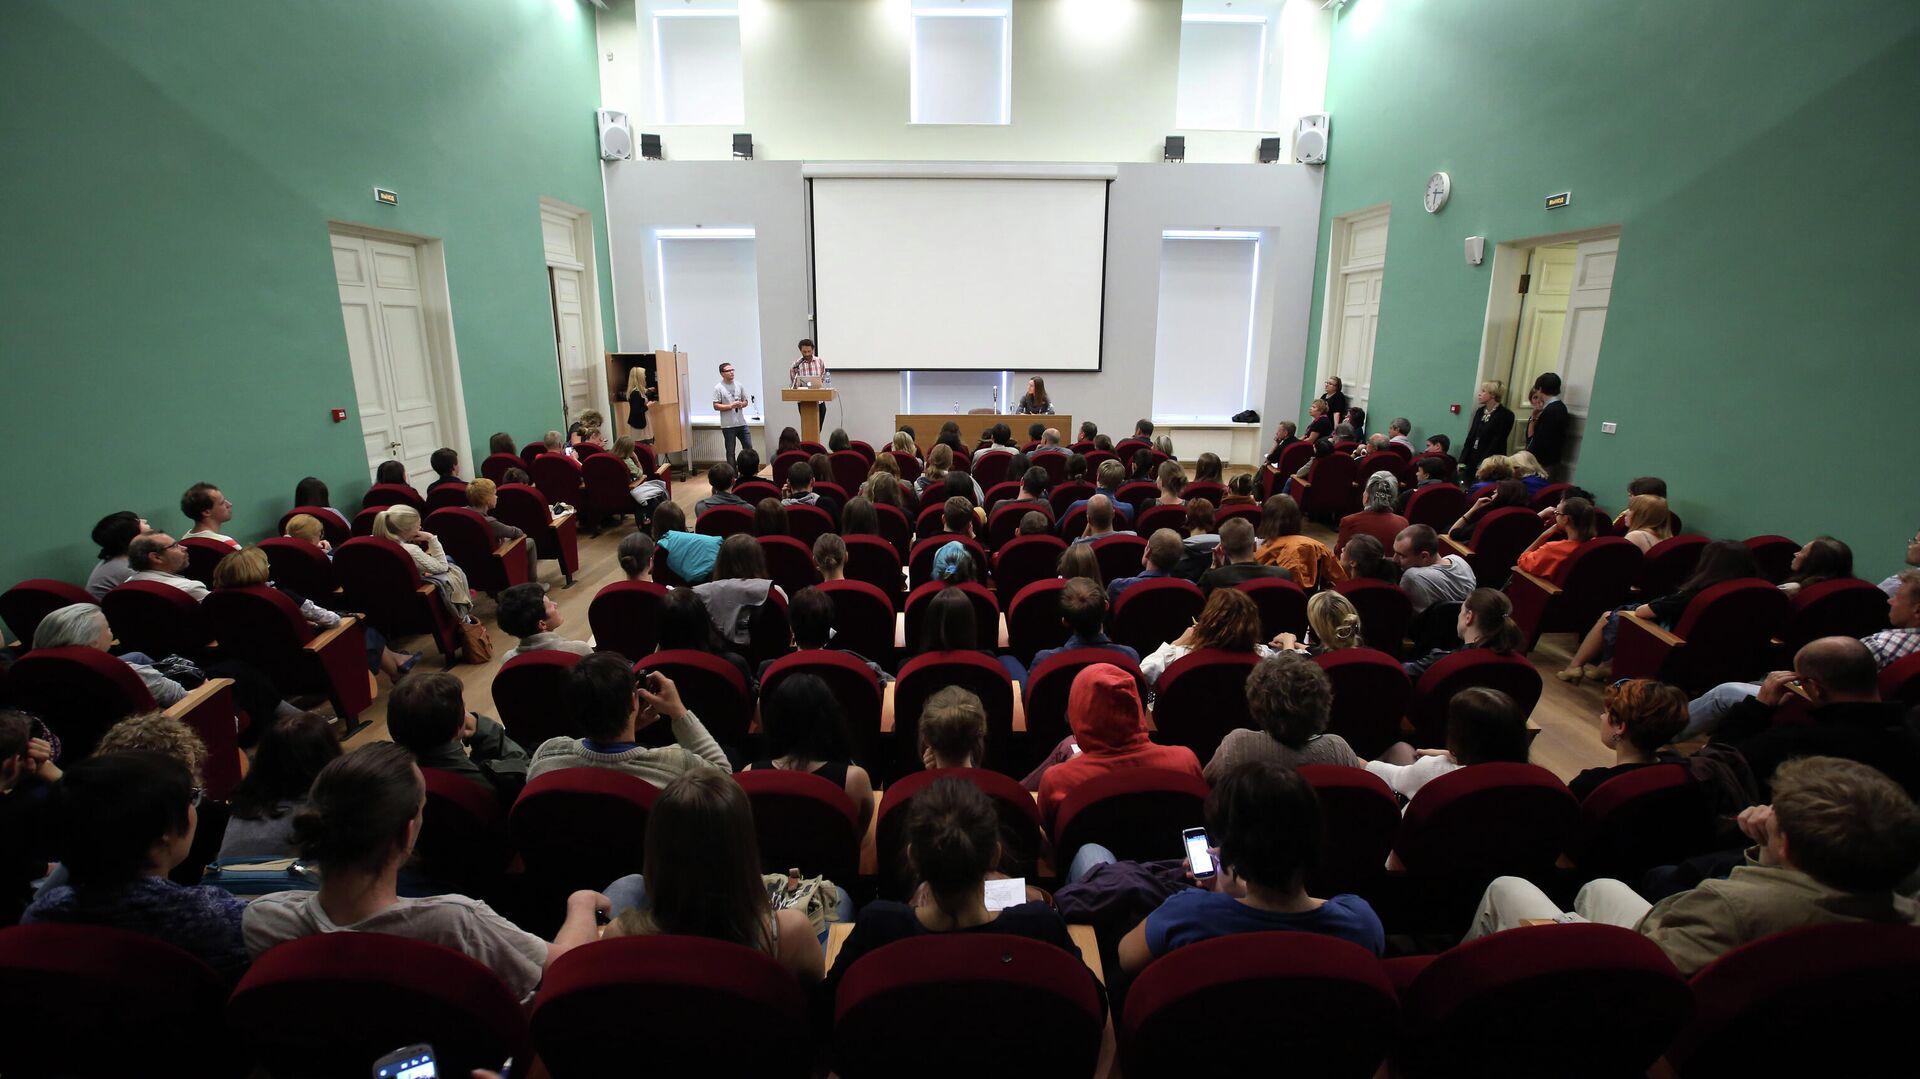 Слушатели в аудитории во время лекции - РИА Новости, 1920, 17.05.2021